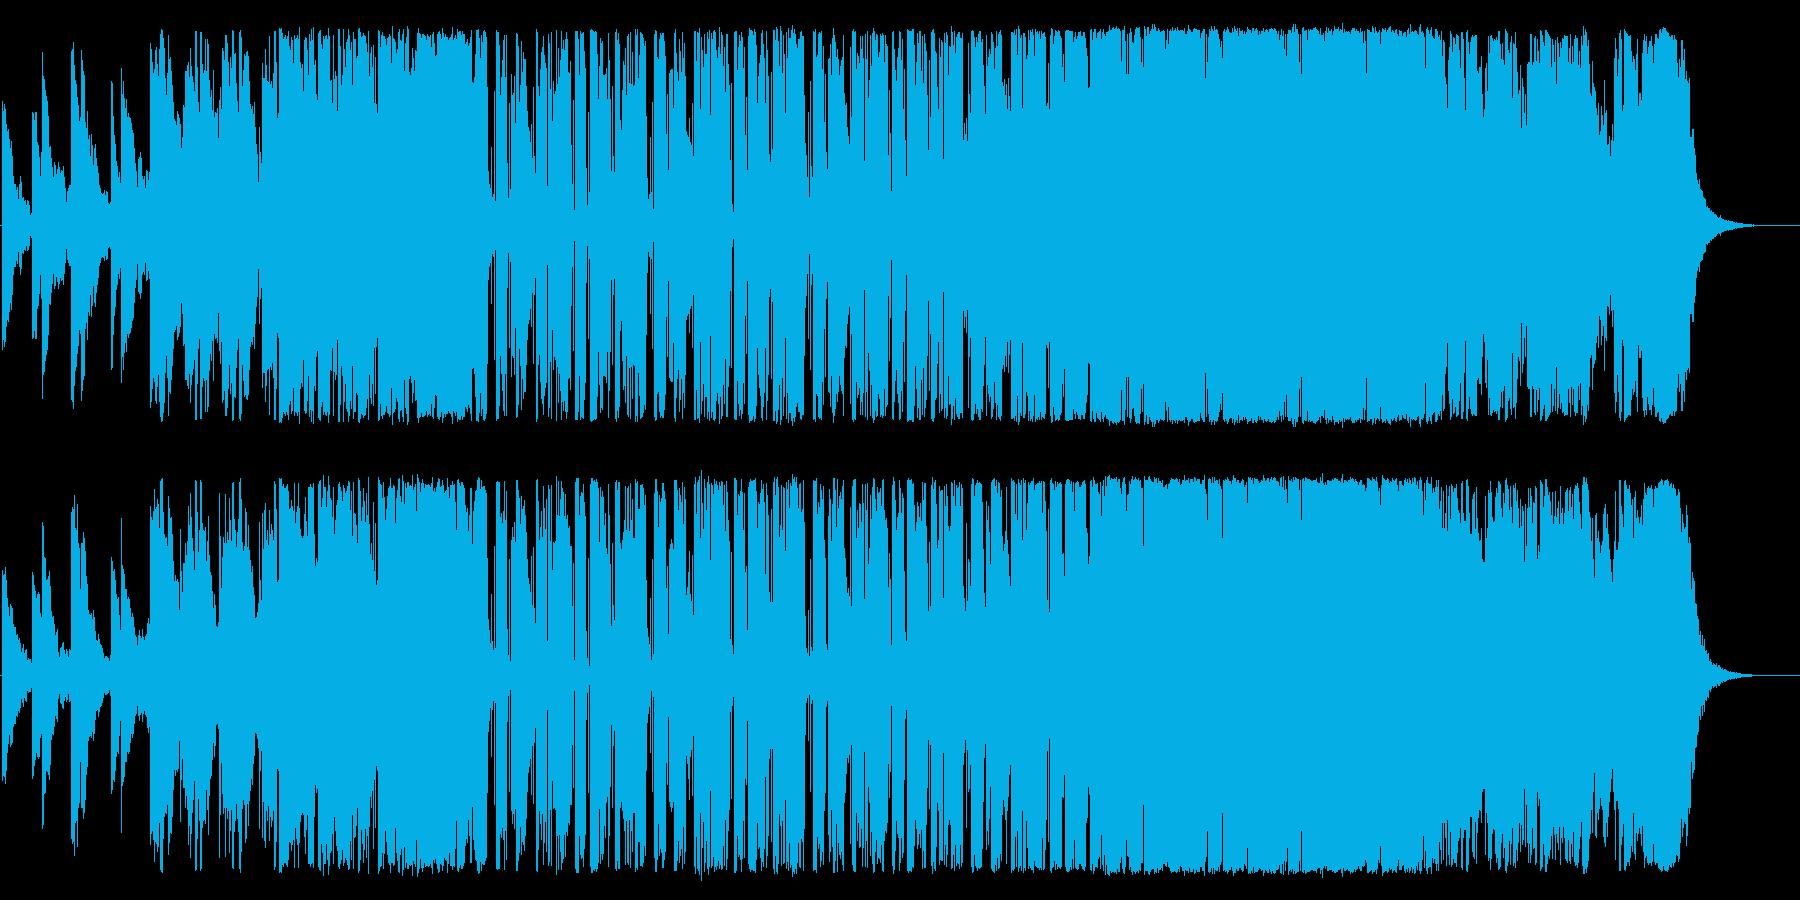 切ない恋愛にぴったりのポップEDMの再生済みの波形